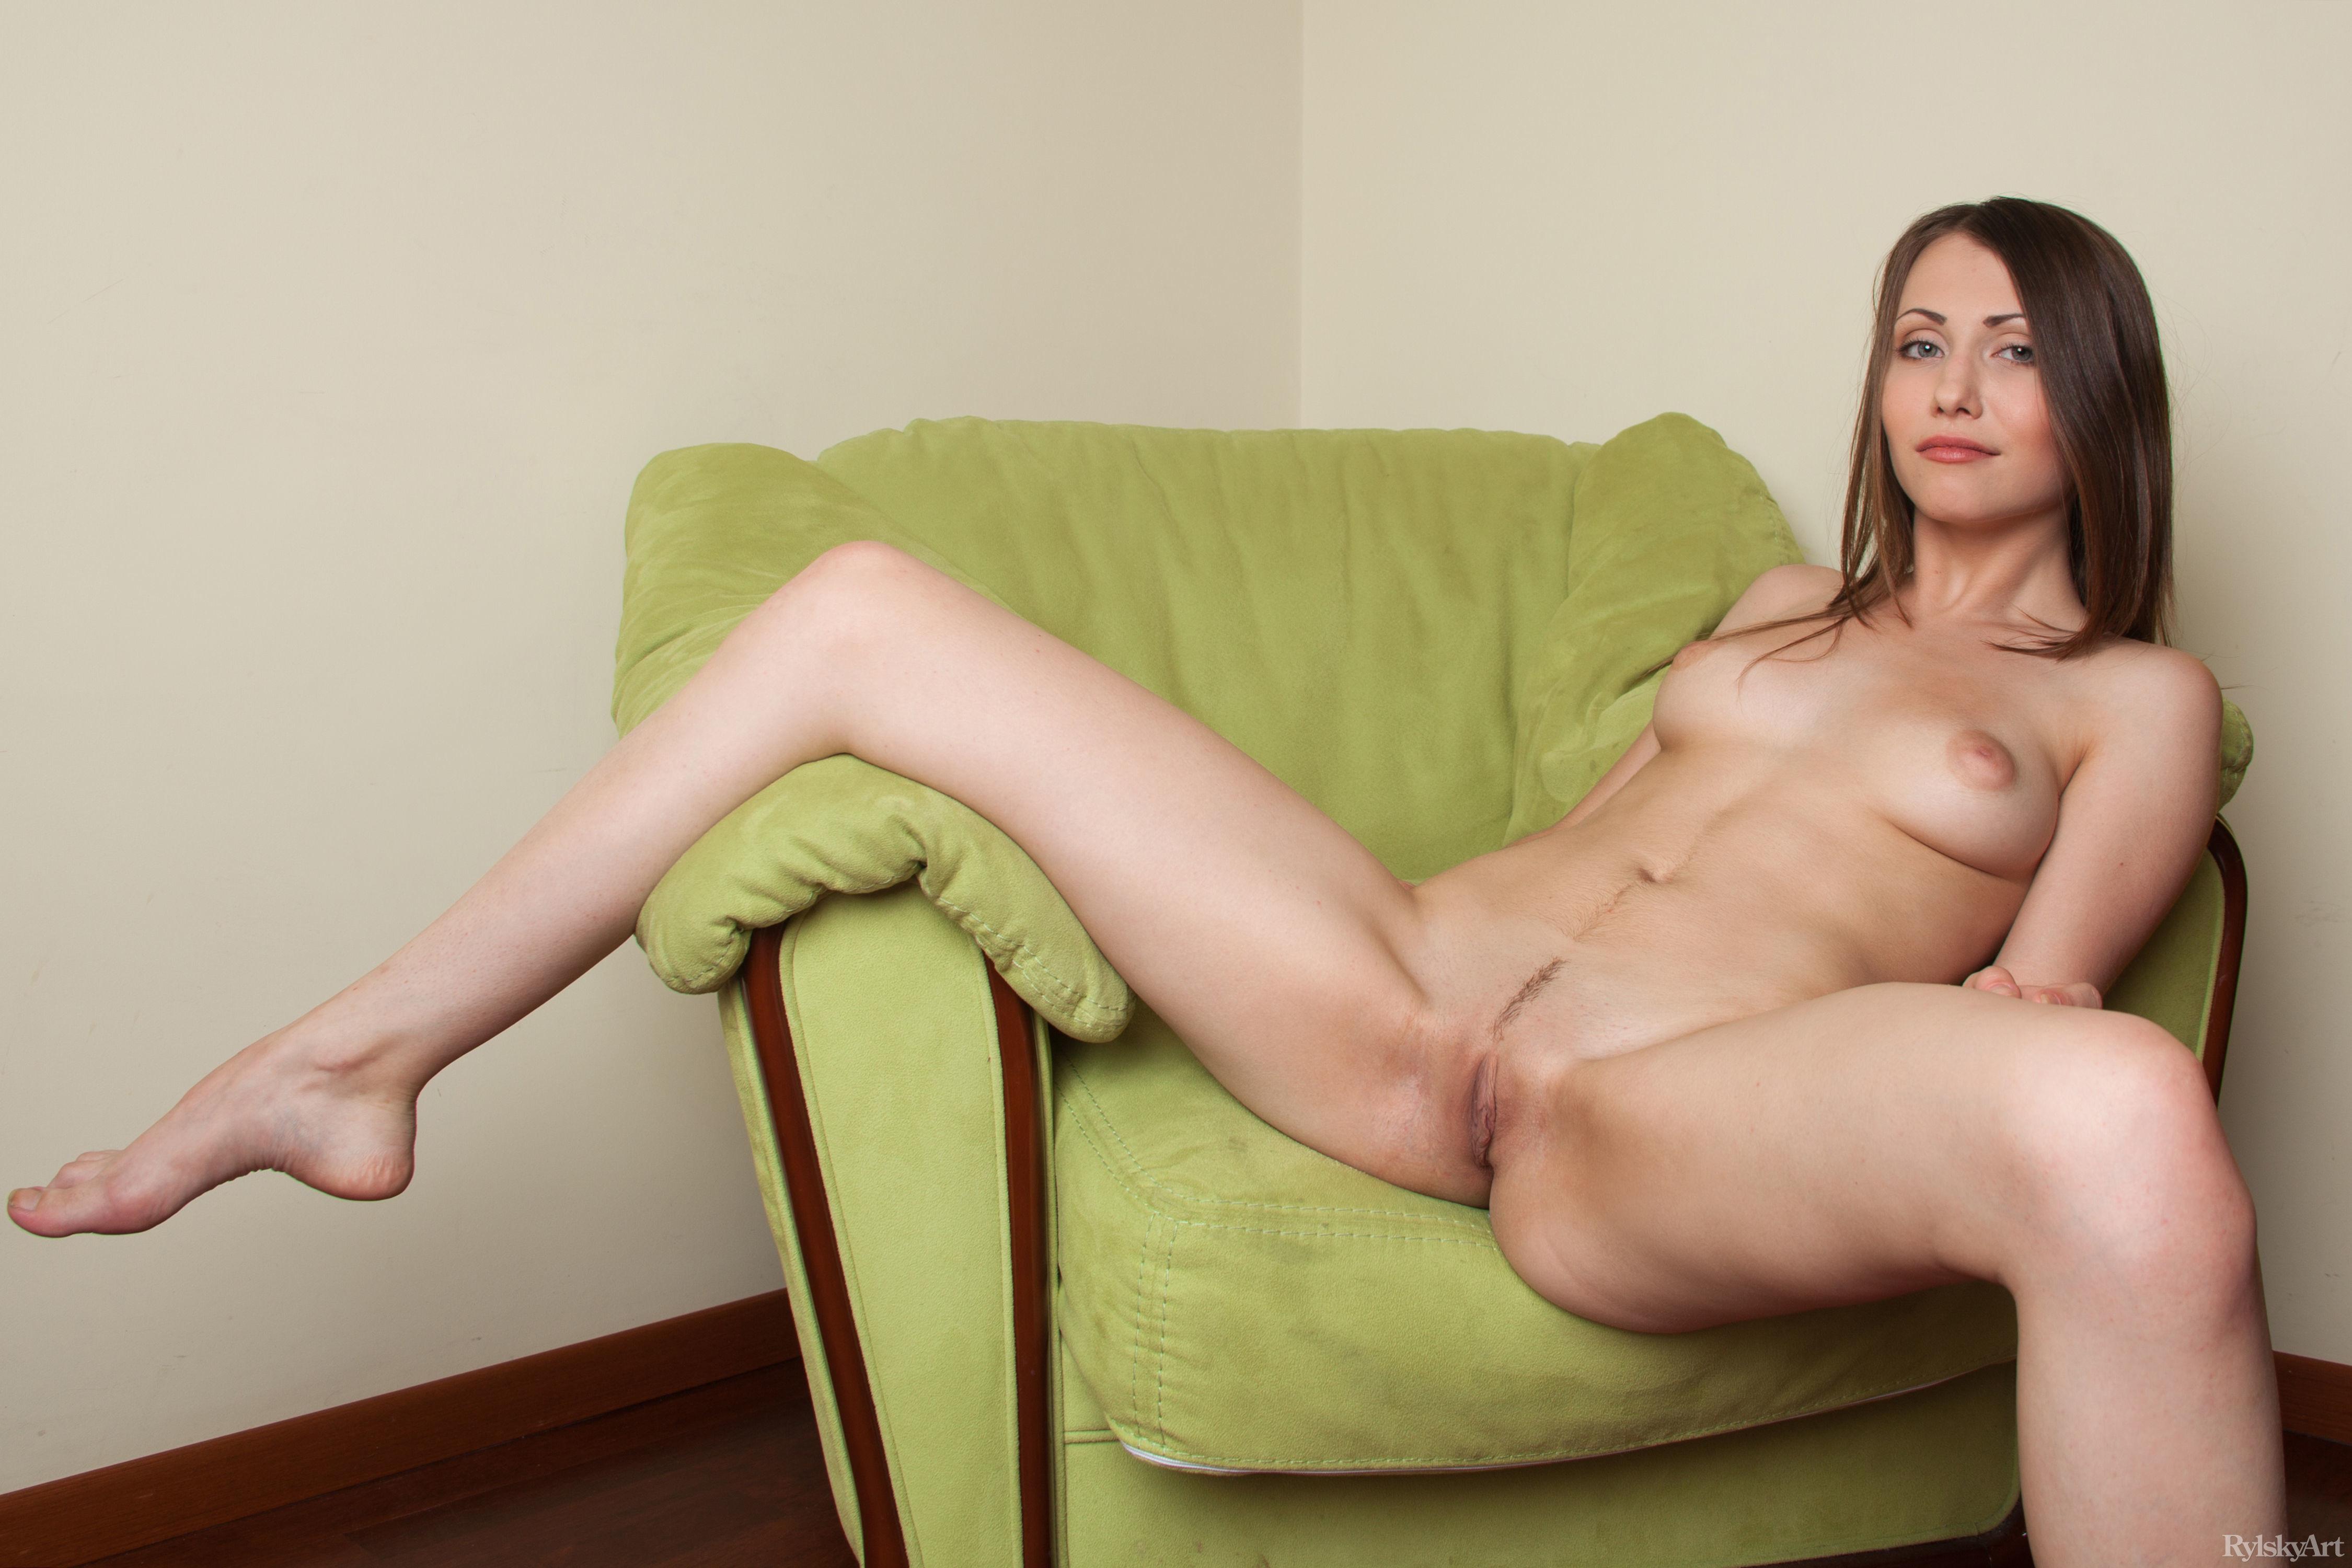 Фото девушек с раздвинутыми ногами на диване, Раздвинутые ножки девушек без трусиков Фото голых 8 фотография